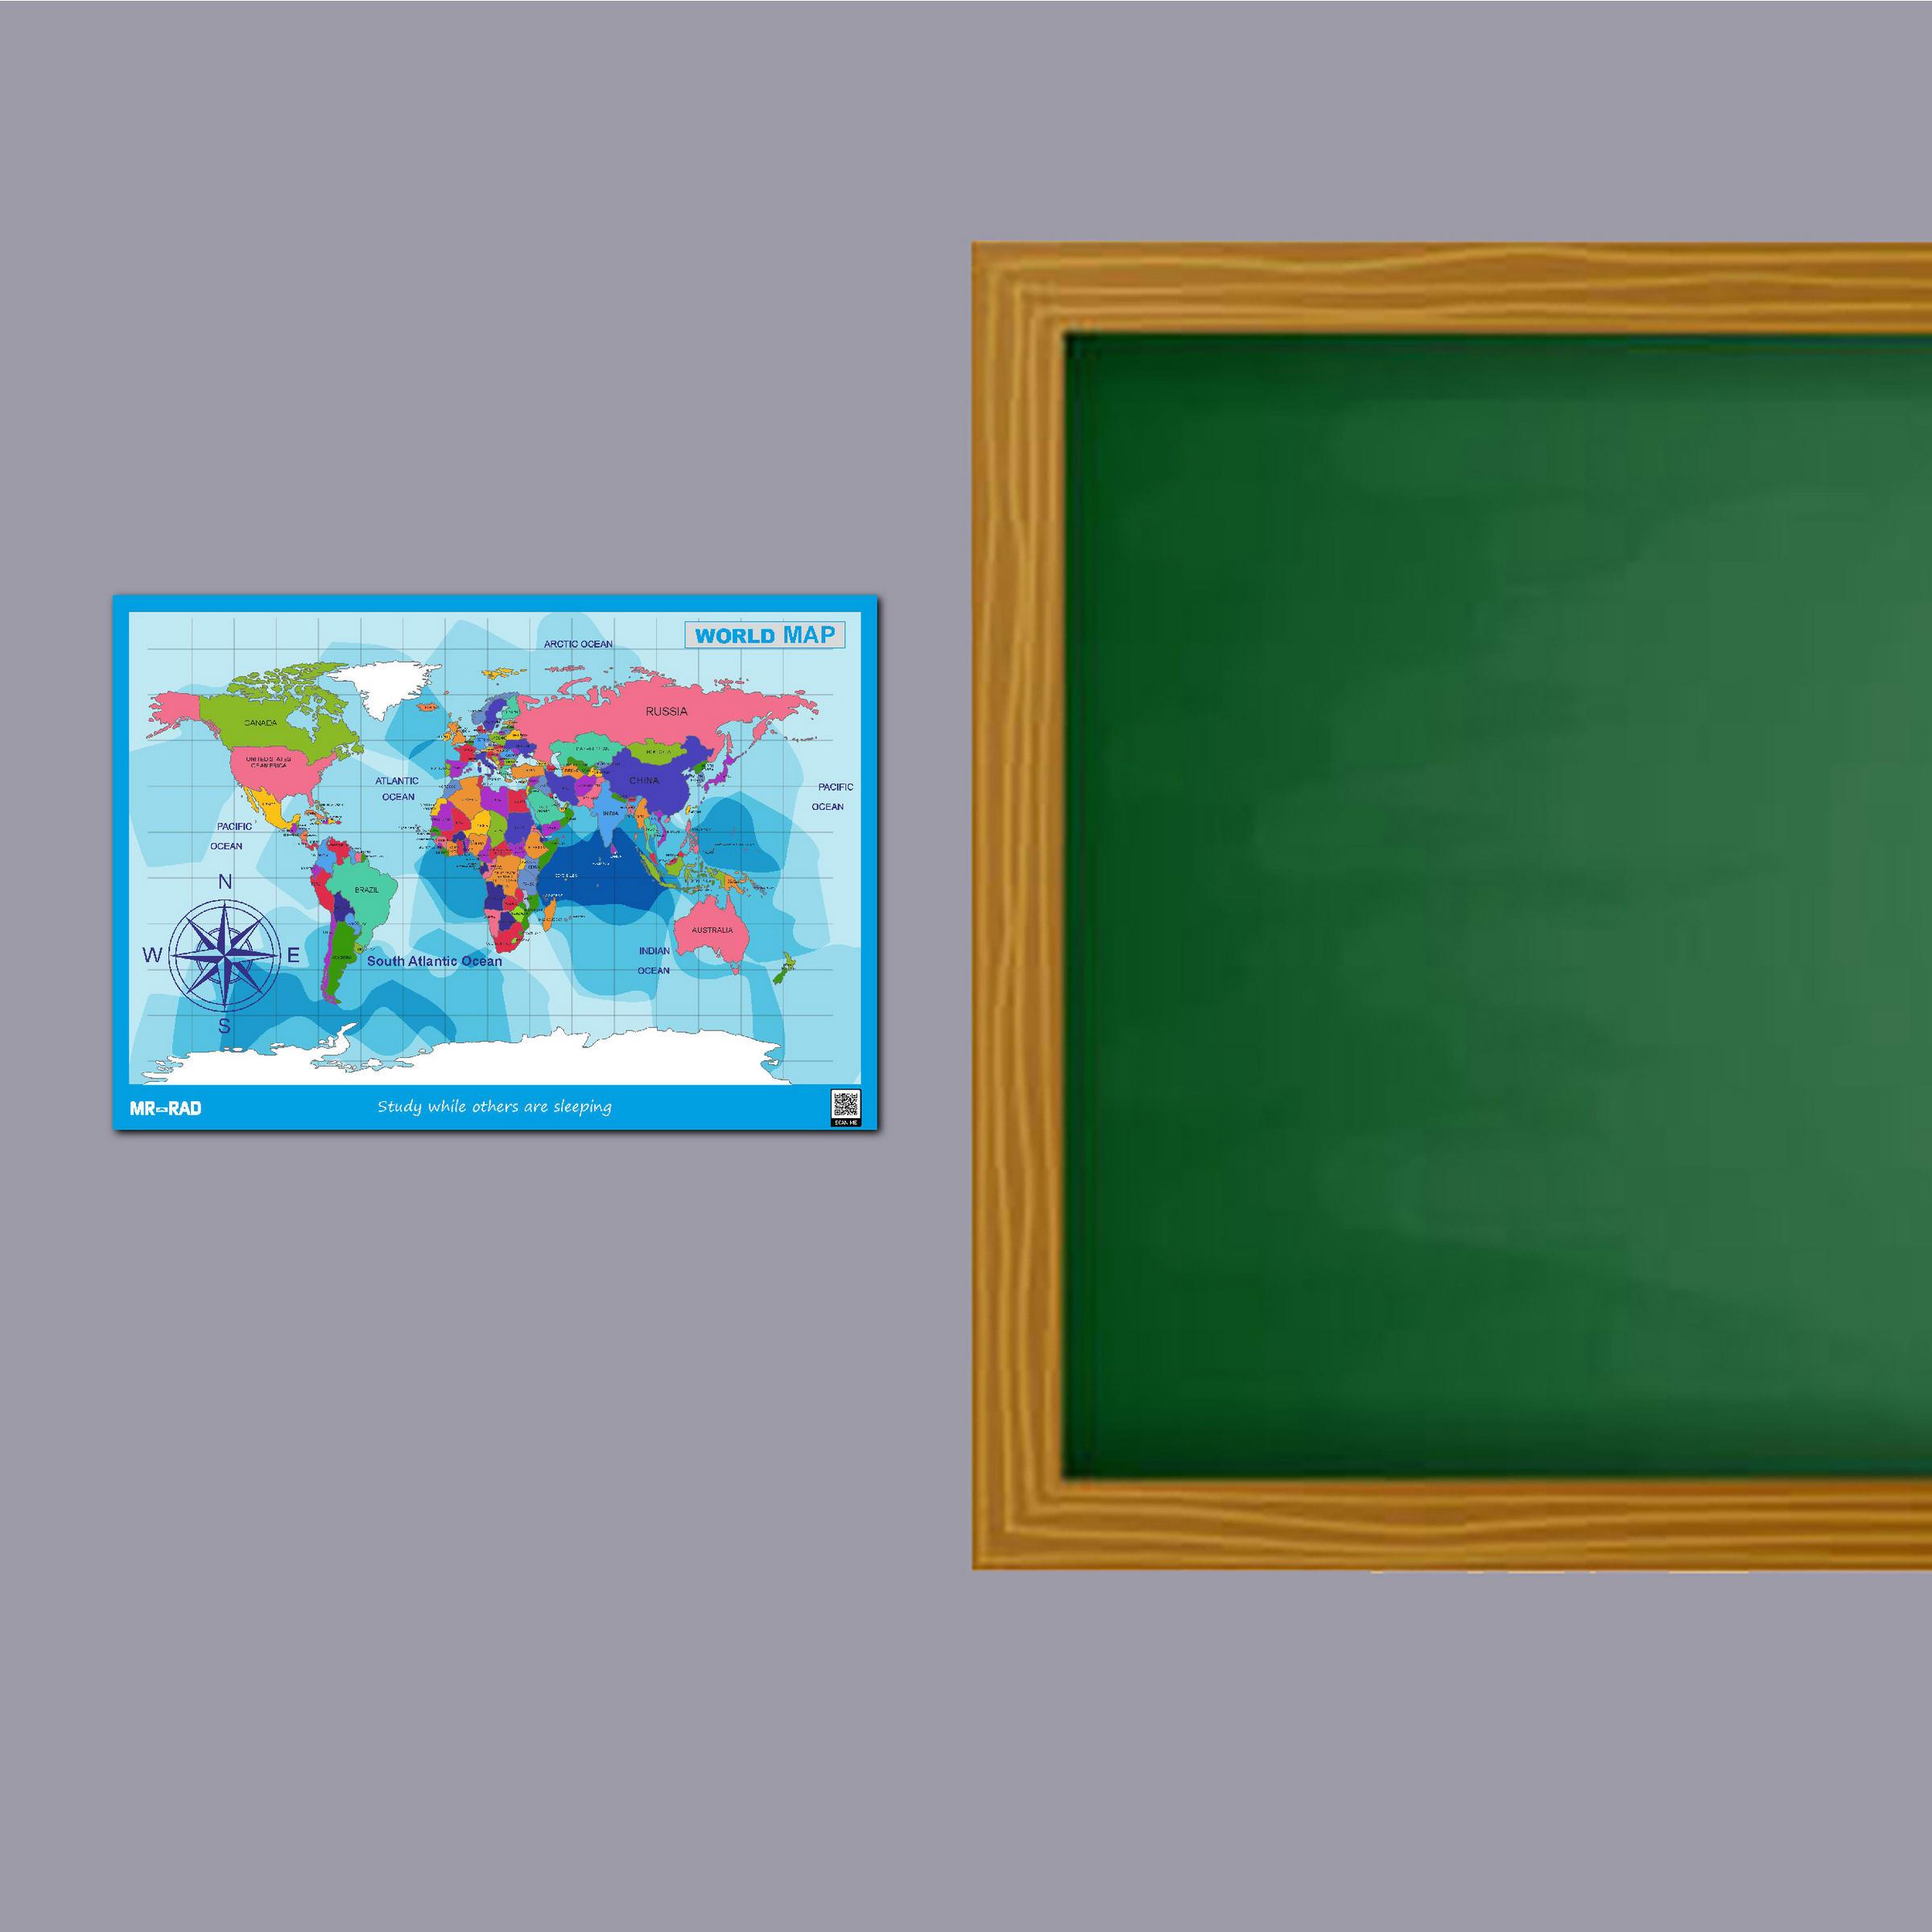 پوستر آموزشی FG طرح نقشه جهان مدل M9060